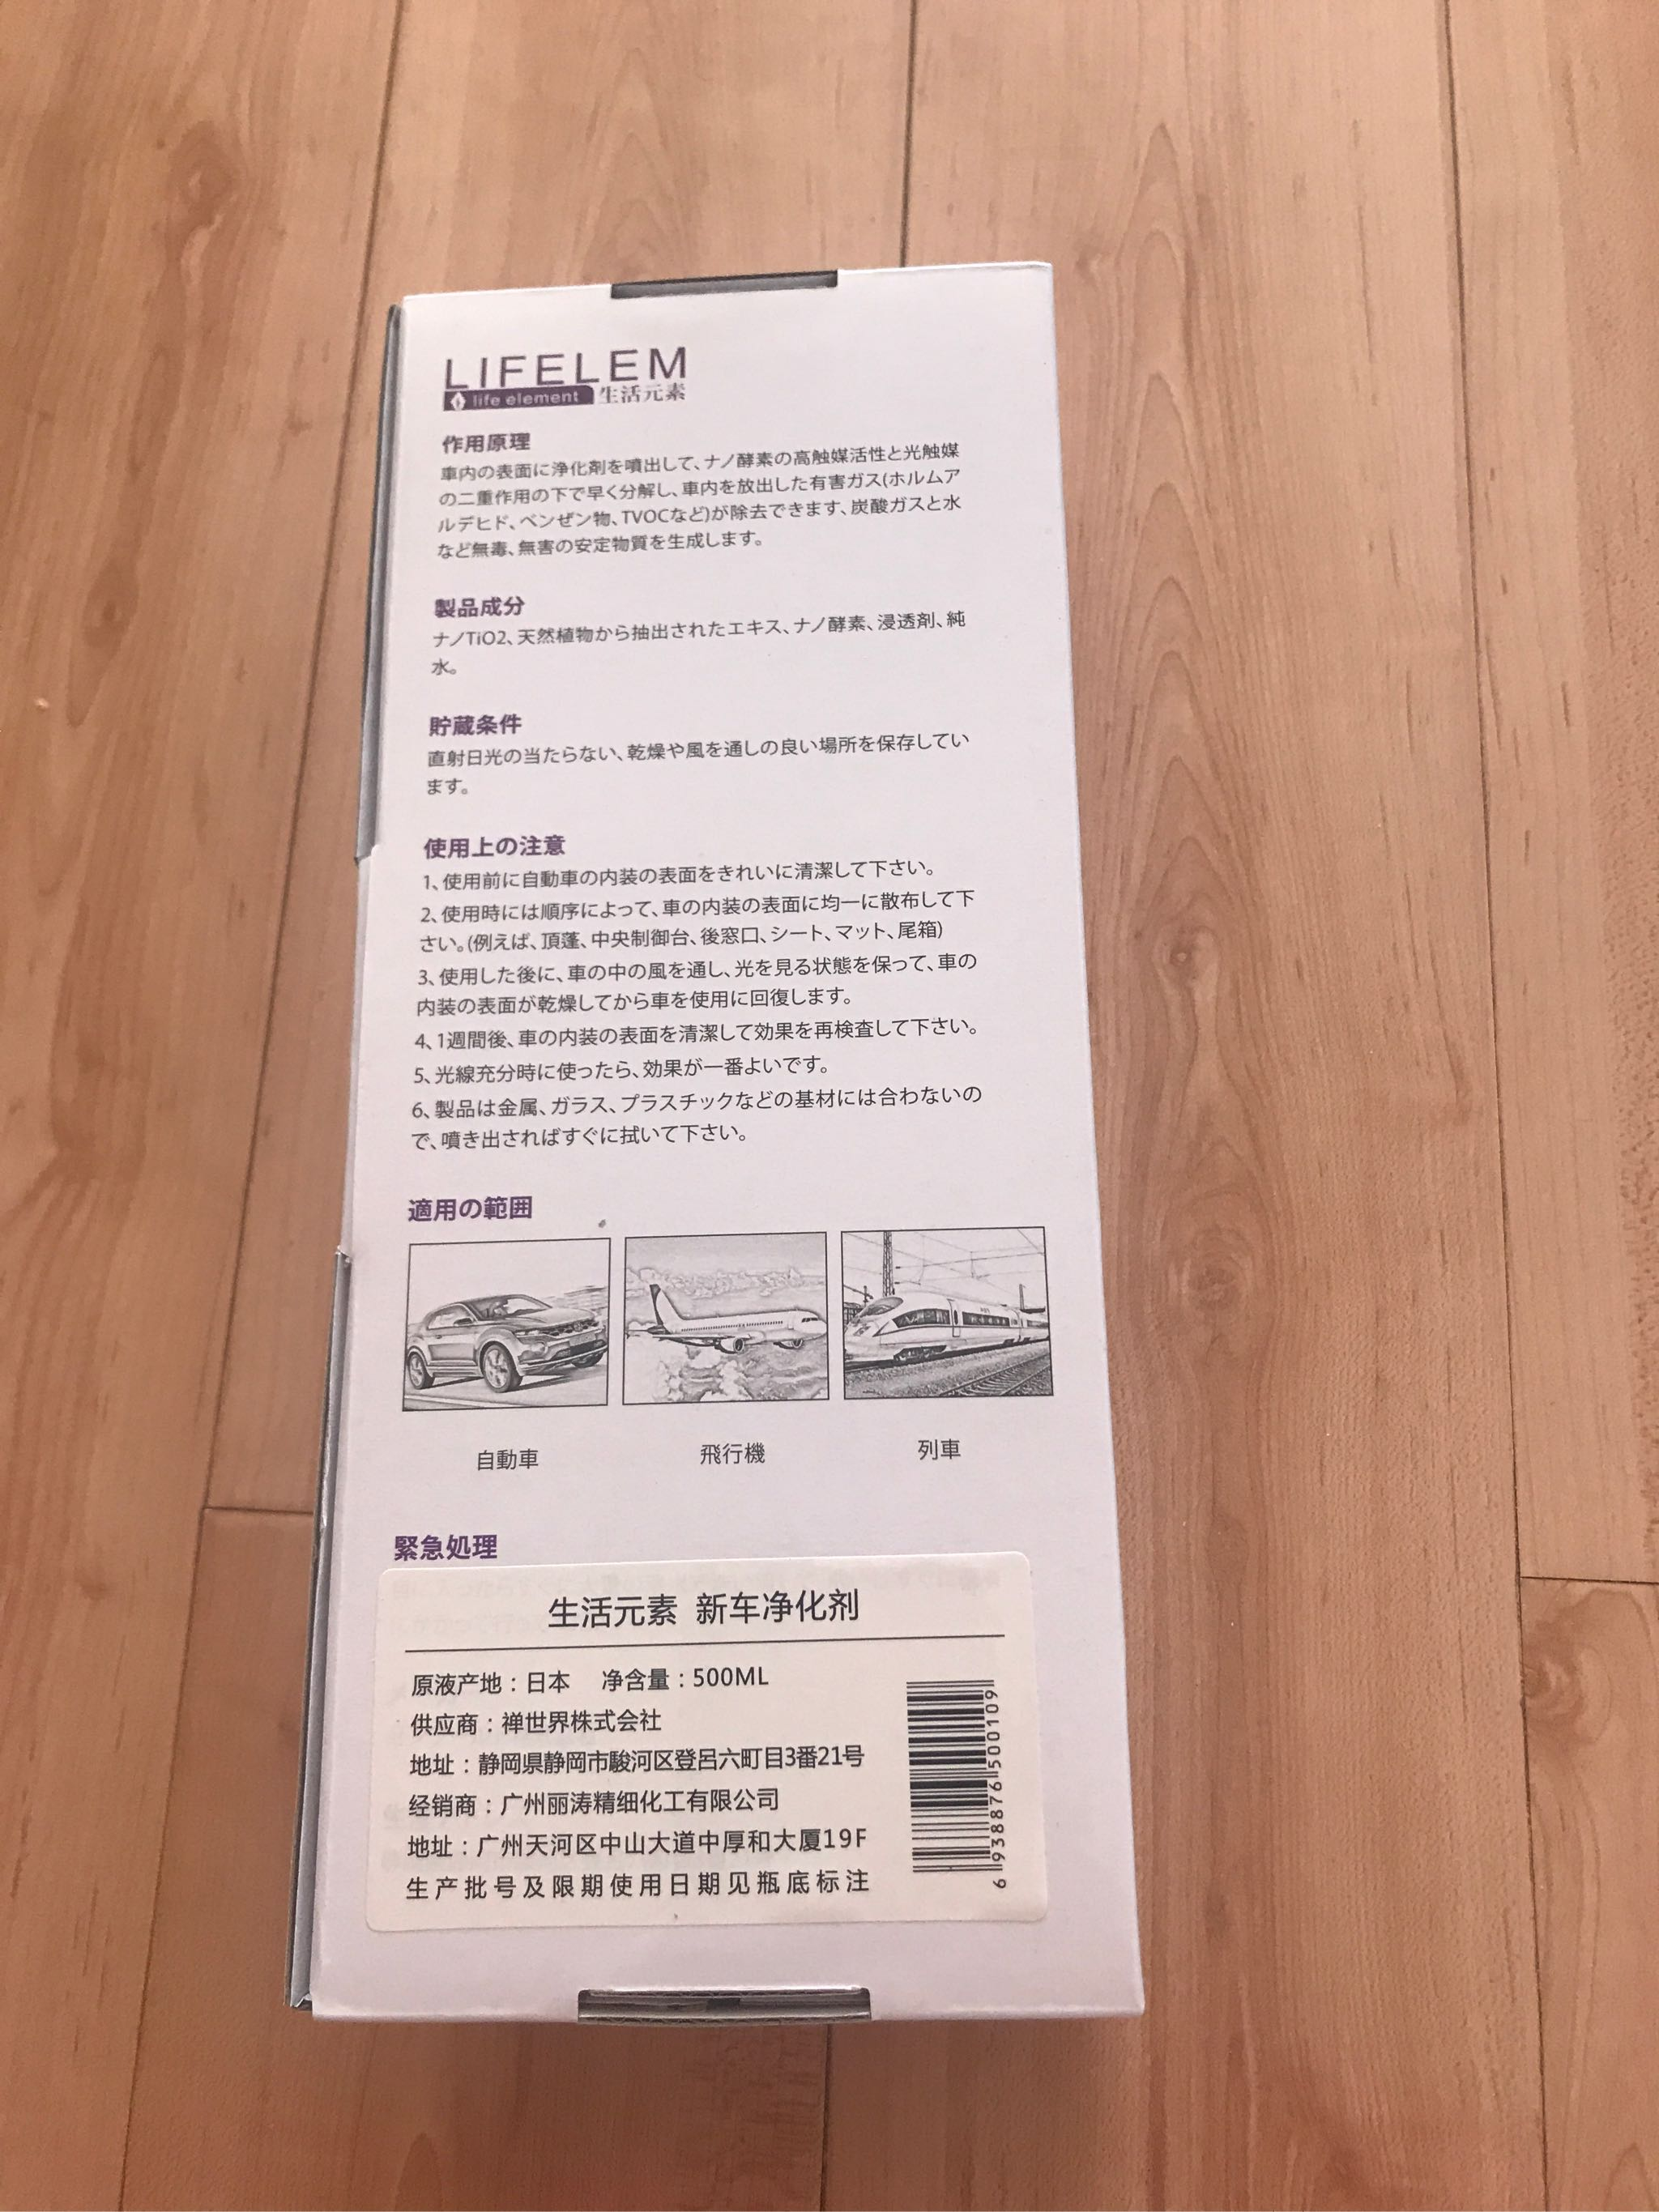 日本的LIFE ELEMENT光触媒除甲醛除异味用后效果很好